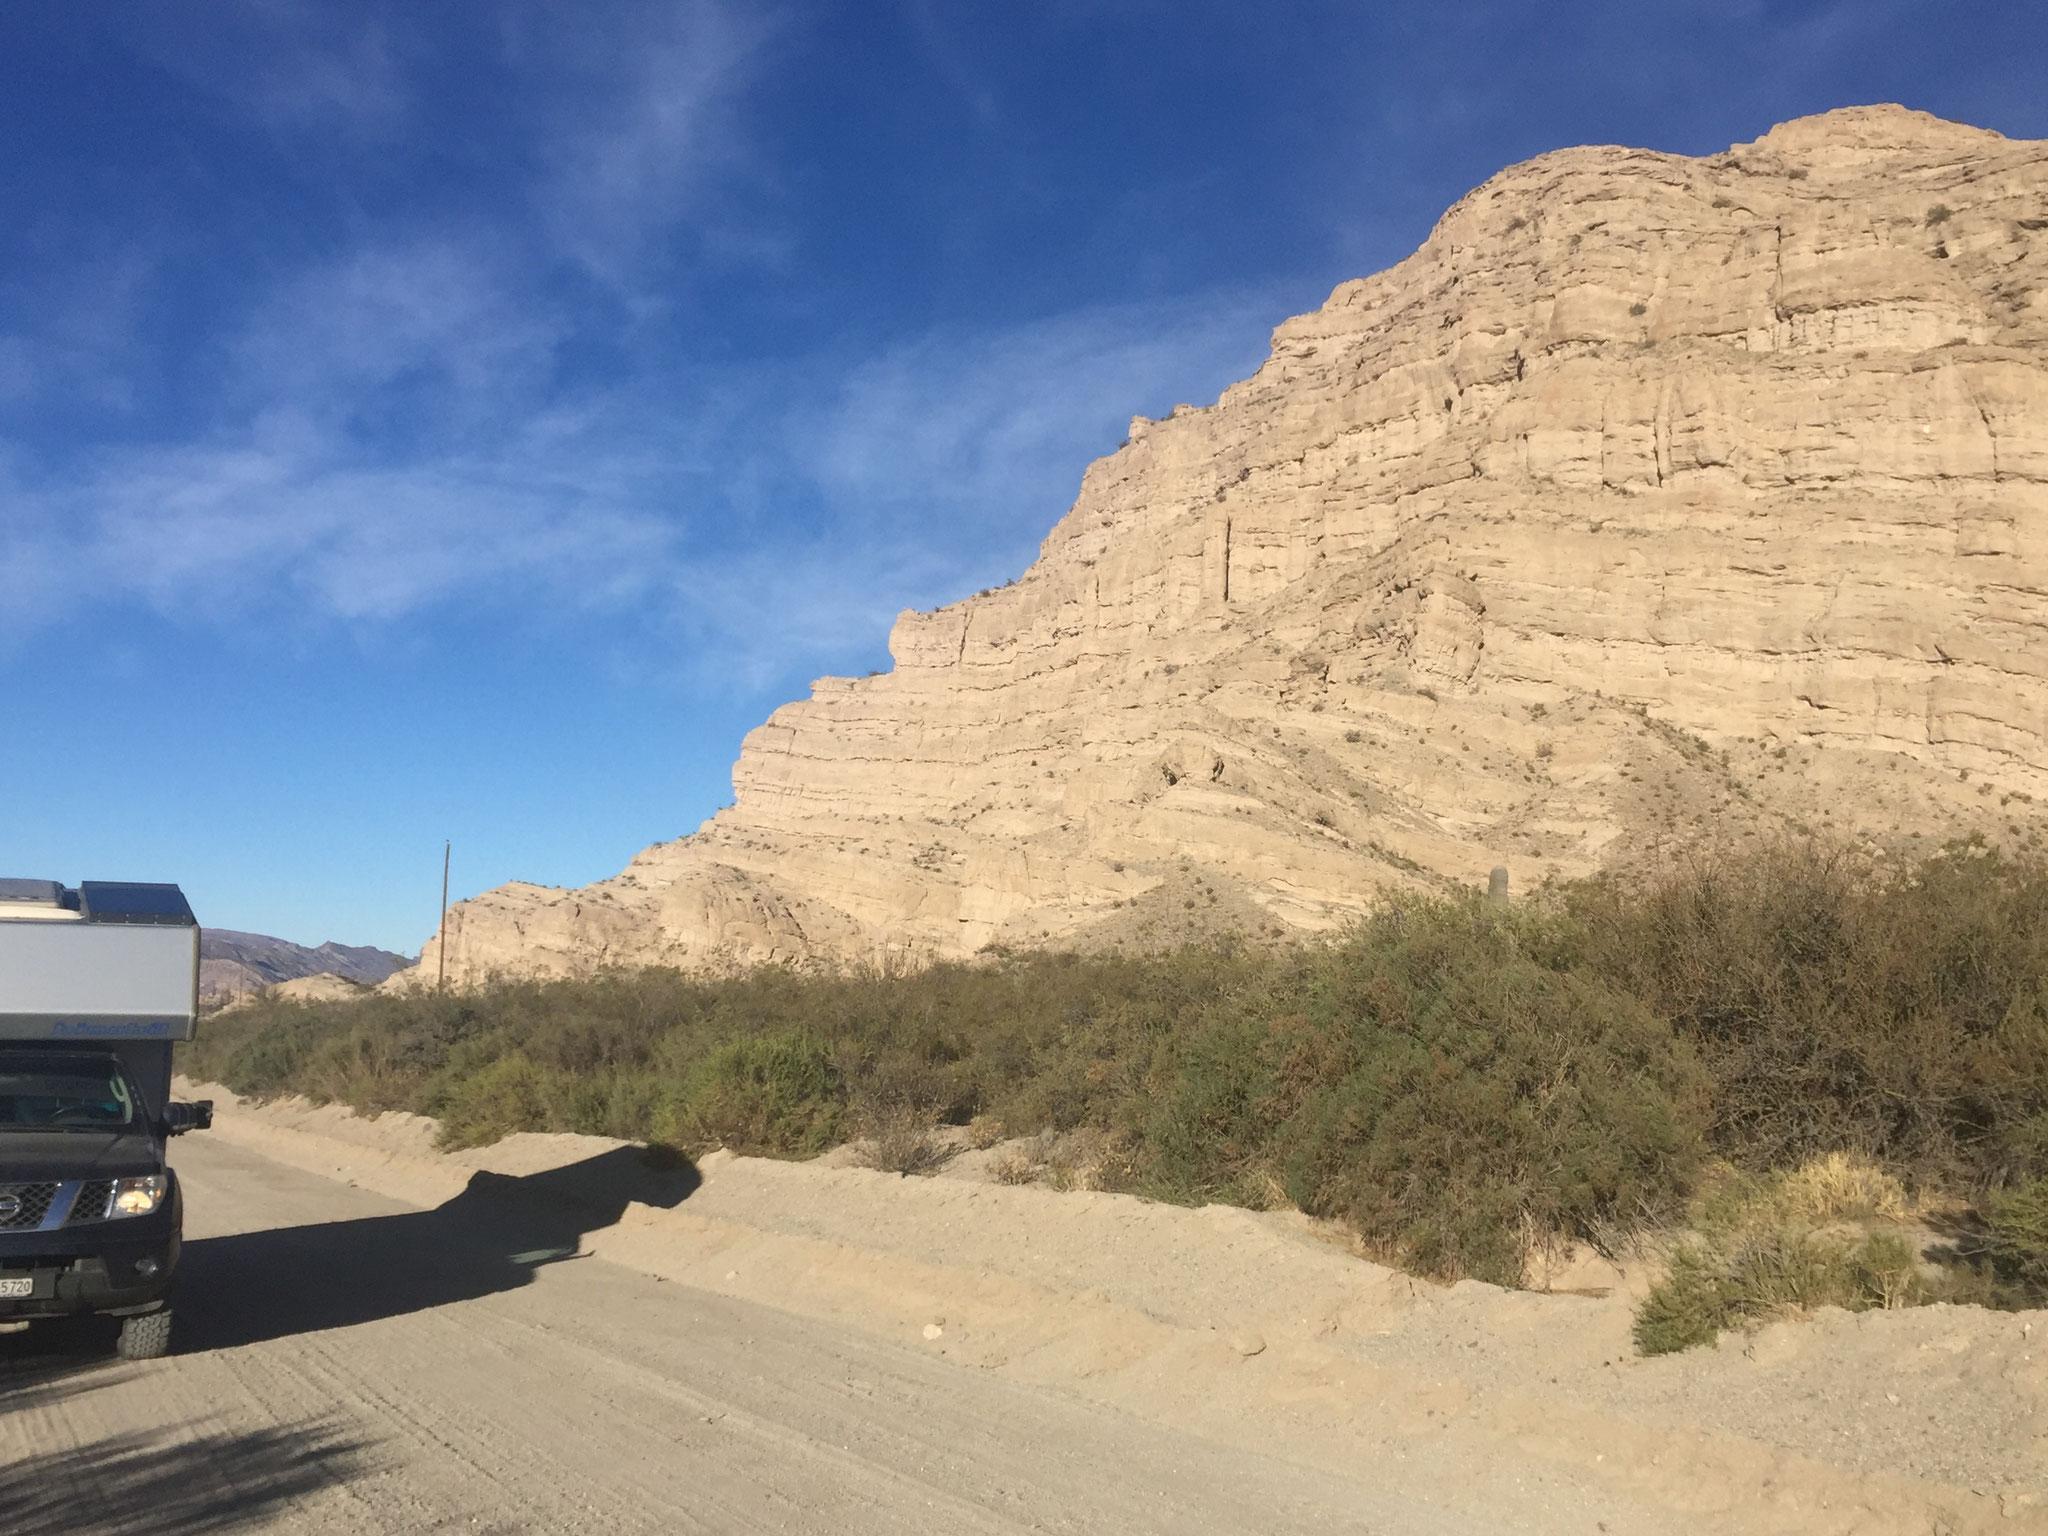 Ruta 43, Richtung El Penon